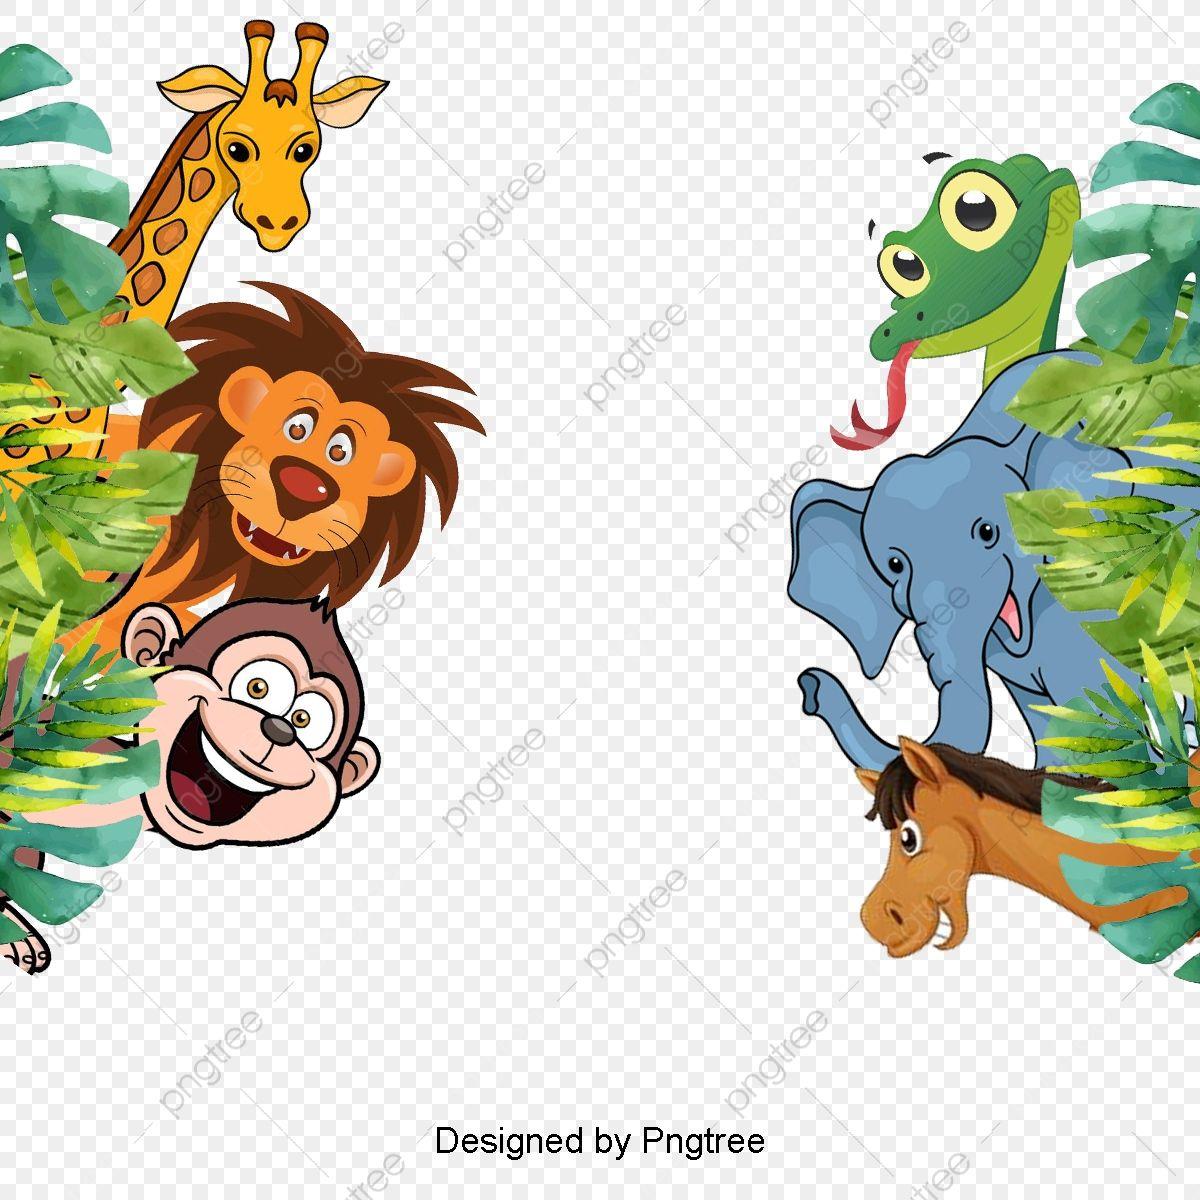 Pequenos Animales En Las Selvas Tropicales Imagenes Predisenadas De La Selva Selva Selva Tropical De Dibujos Animados Png Y Psd Para Descargar Gratis Pngtr Animales De La Selva Animales Pequenos